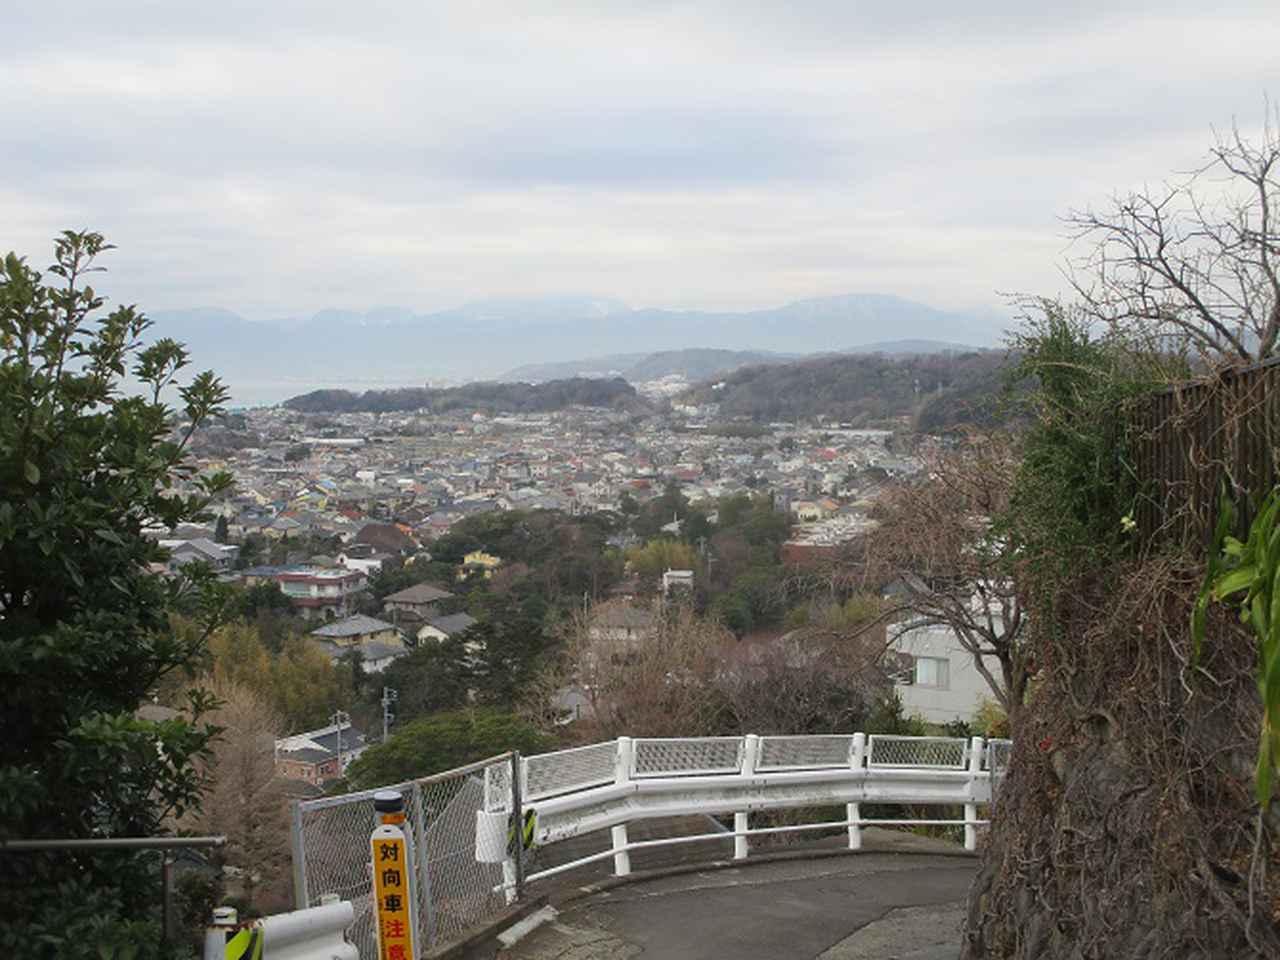 画像12: 2月の山旅会 高麗山 ツアーの下見にいってきました!